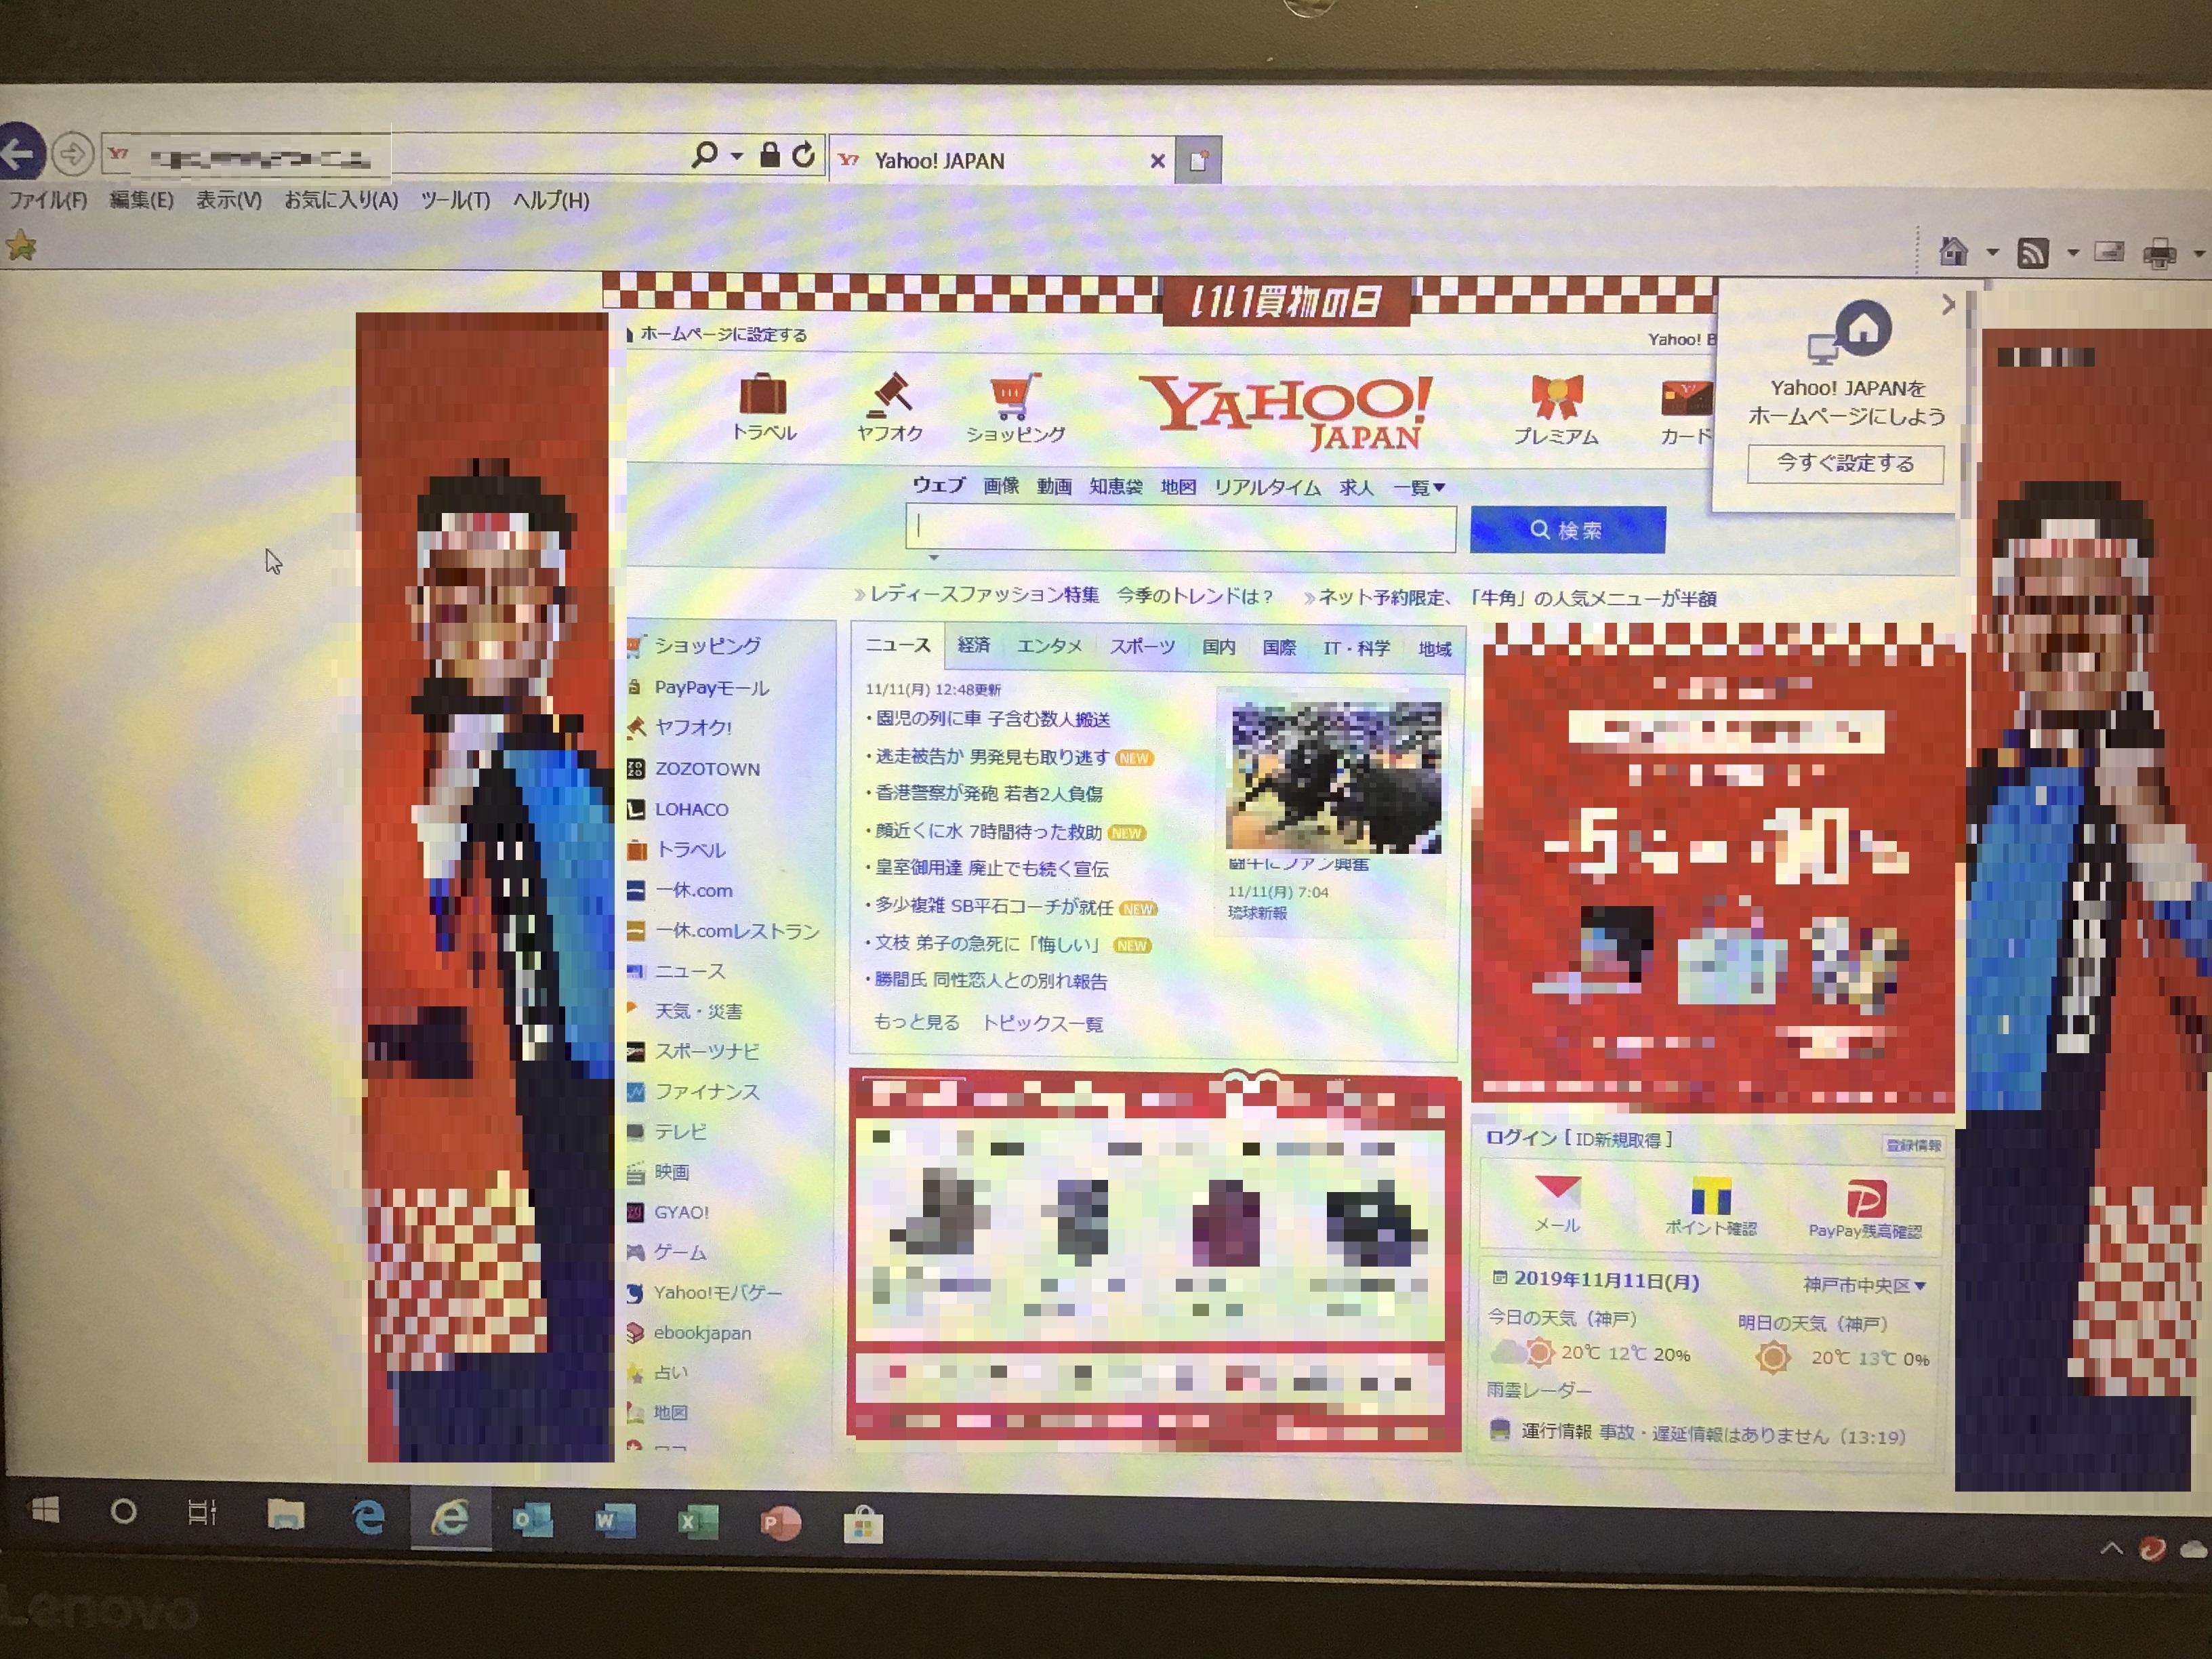 大阪府堺市北区 ノートパソコンがインターネットに接続できない/レノボ Windows 10のイメージ